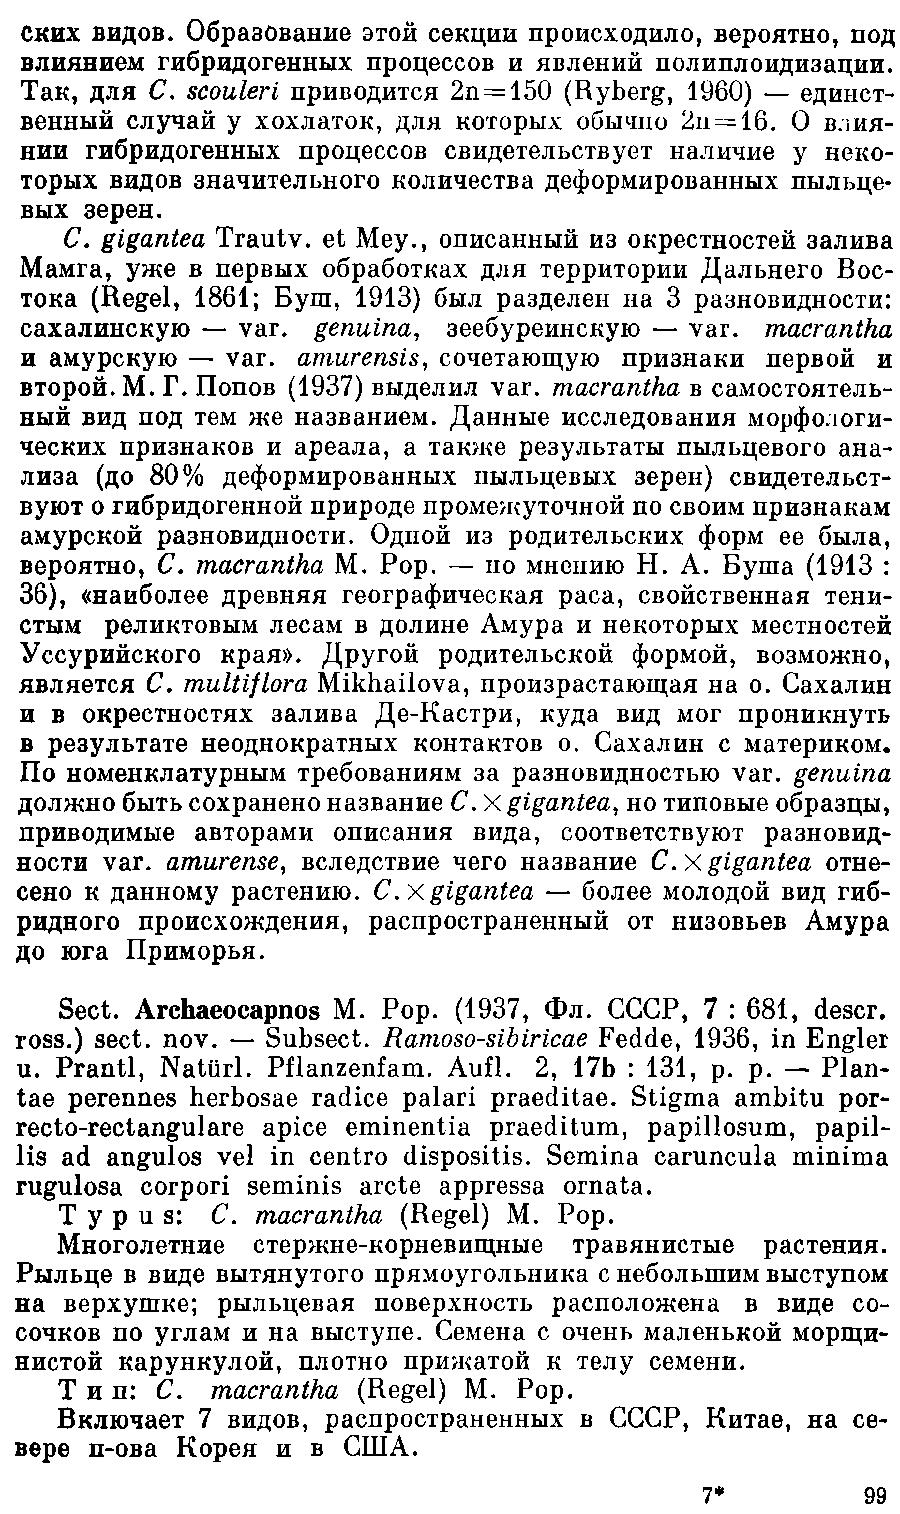 https://forum.plantarium.ru/misc.php?action=pun_attachment&item=30127